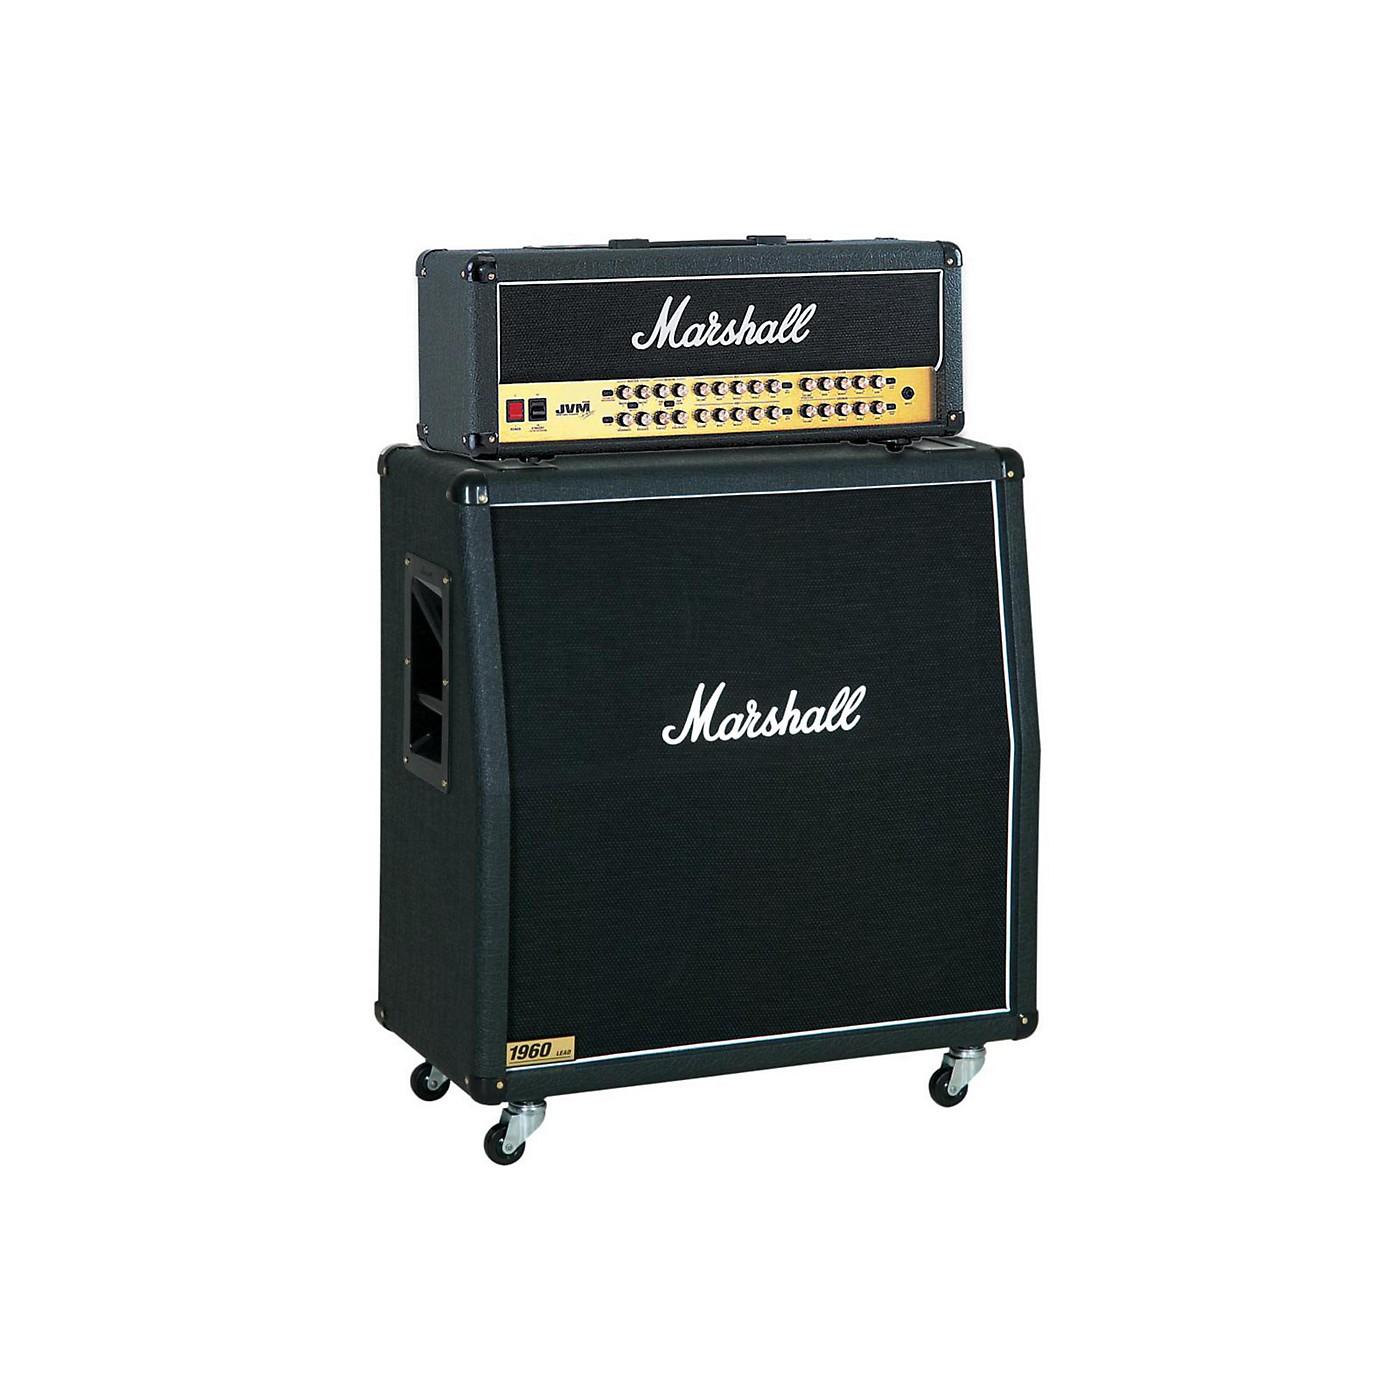 Marshall JVM Series JVM410H 100W Guitar Tube Head with 1960A 300W 4x12 Cab thumbnail